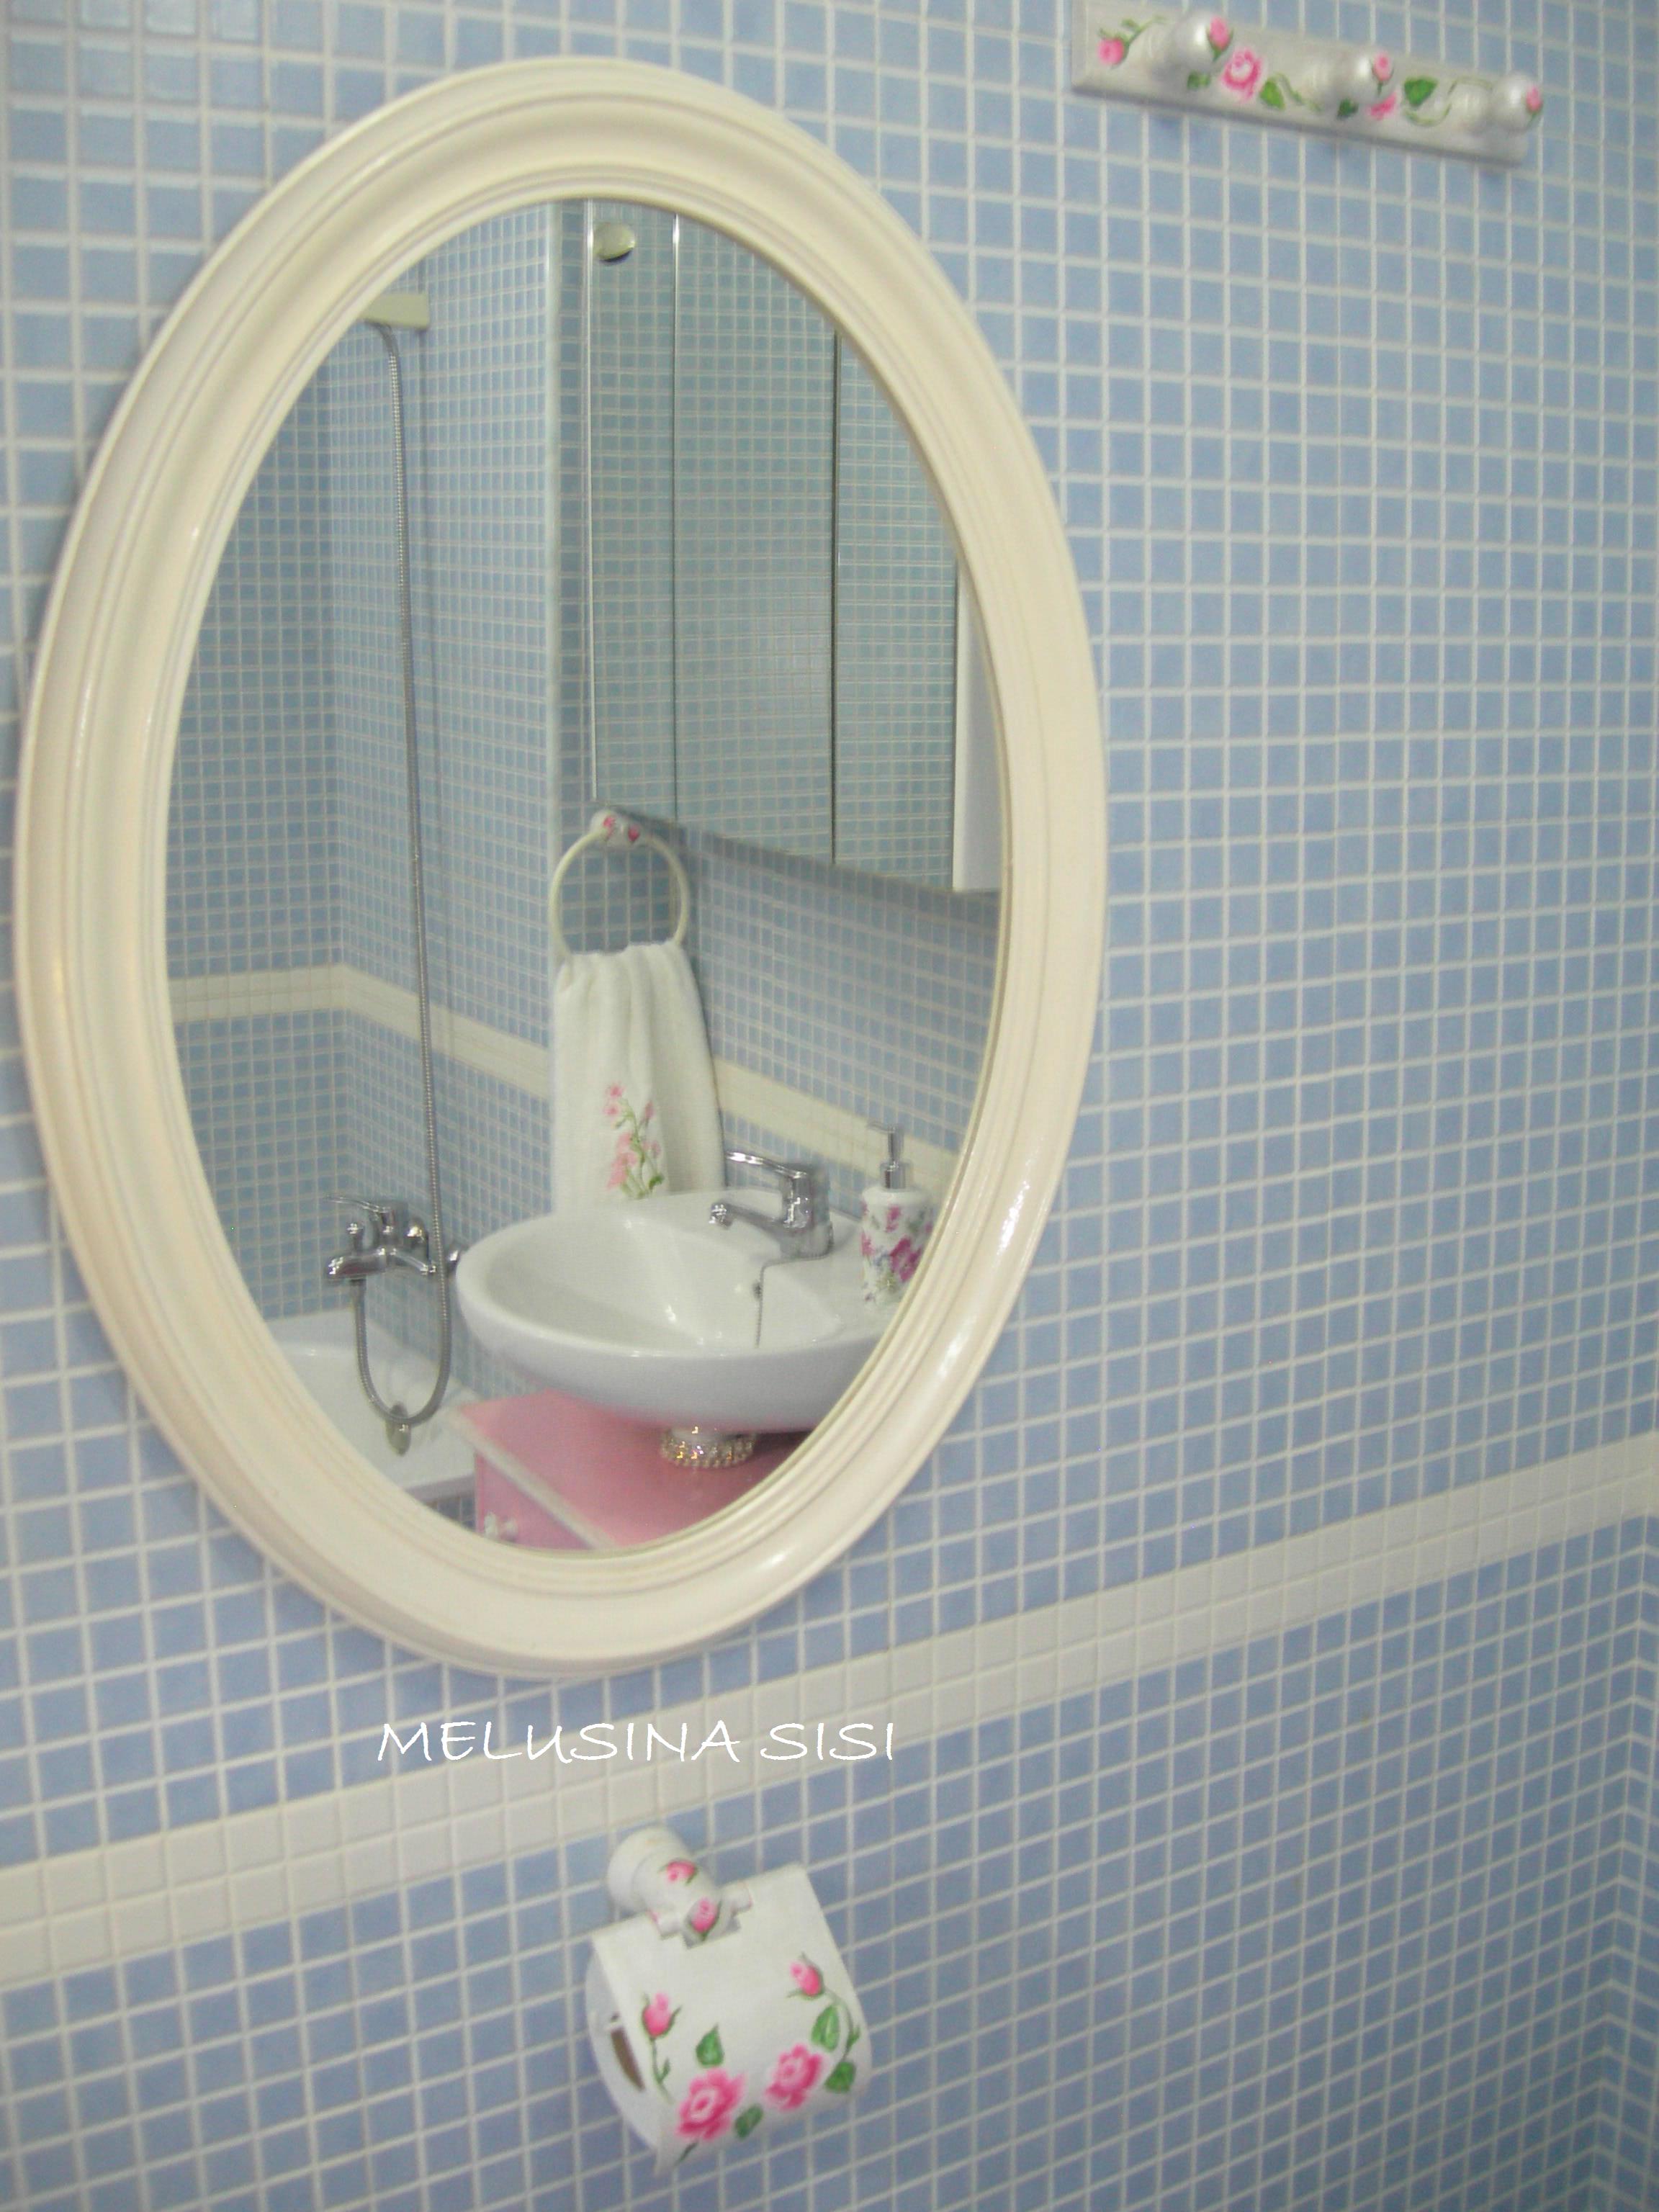 Pin de MELUSINA en Customiza el mueble del baño   Espejo ...